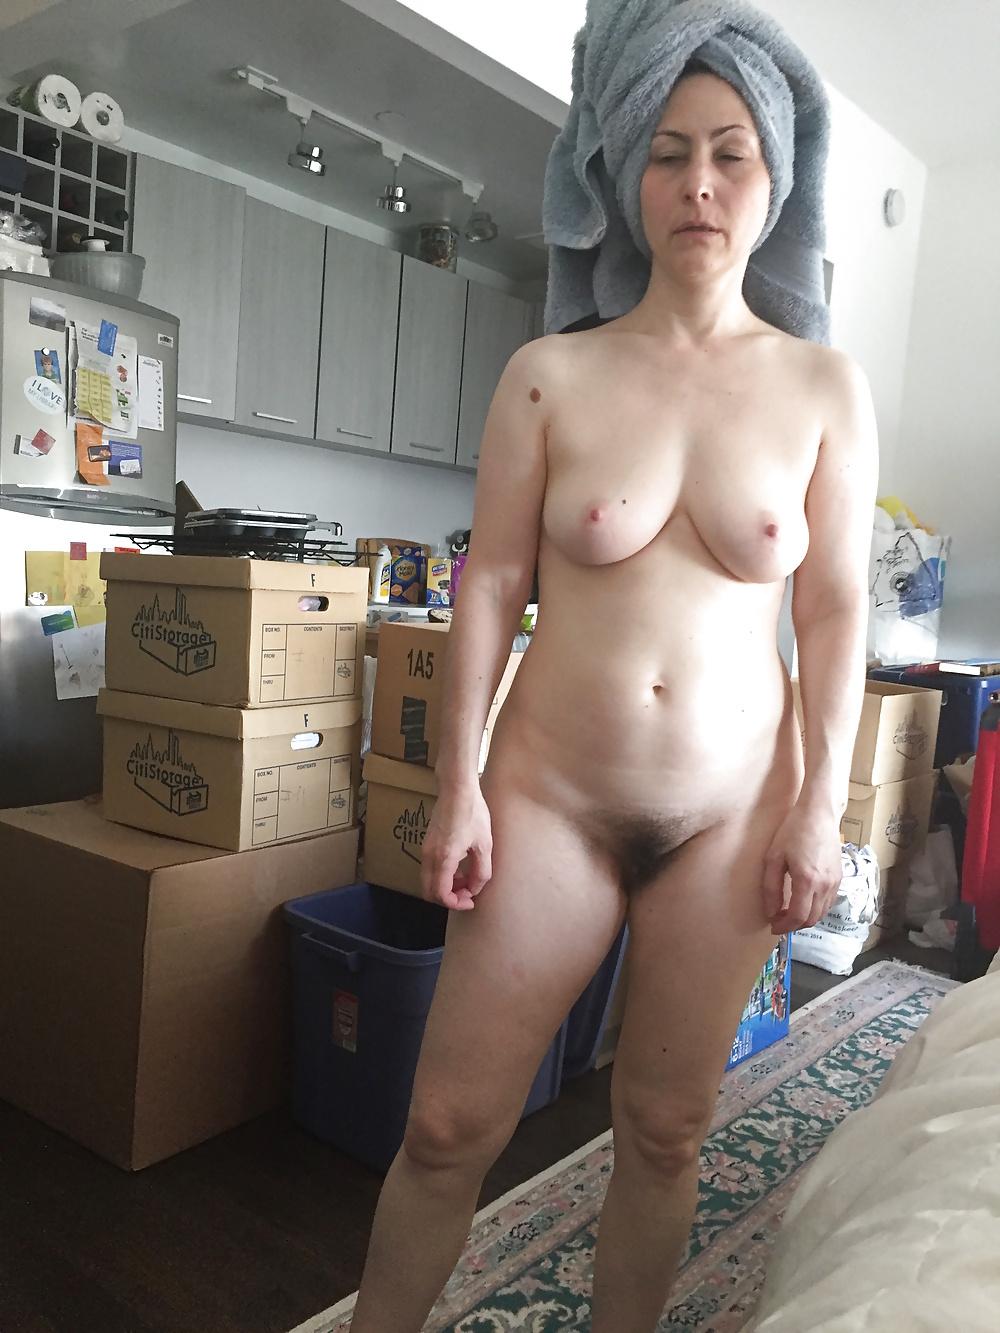 Nackte Frau wandelt zu Hausen. - Bild 8